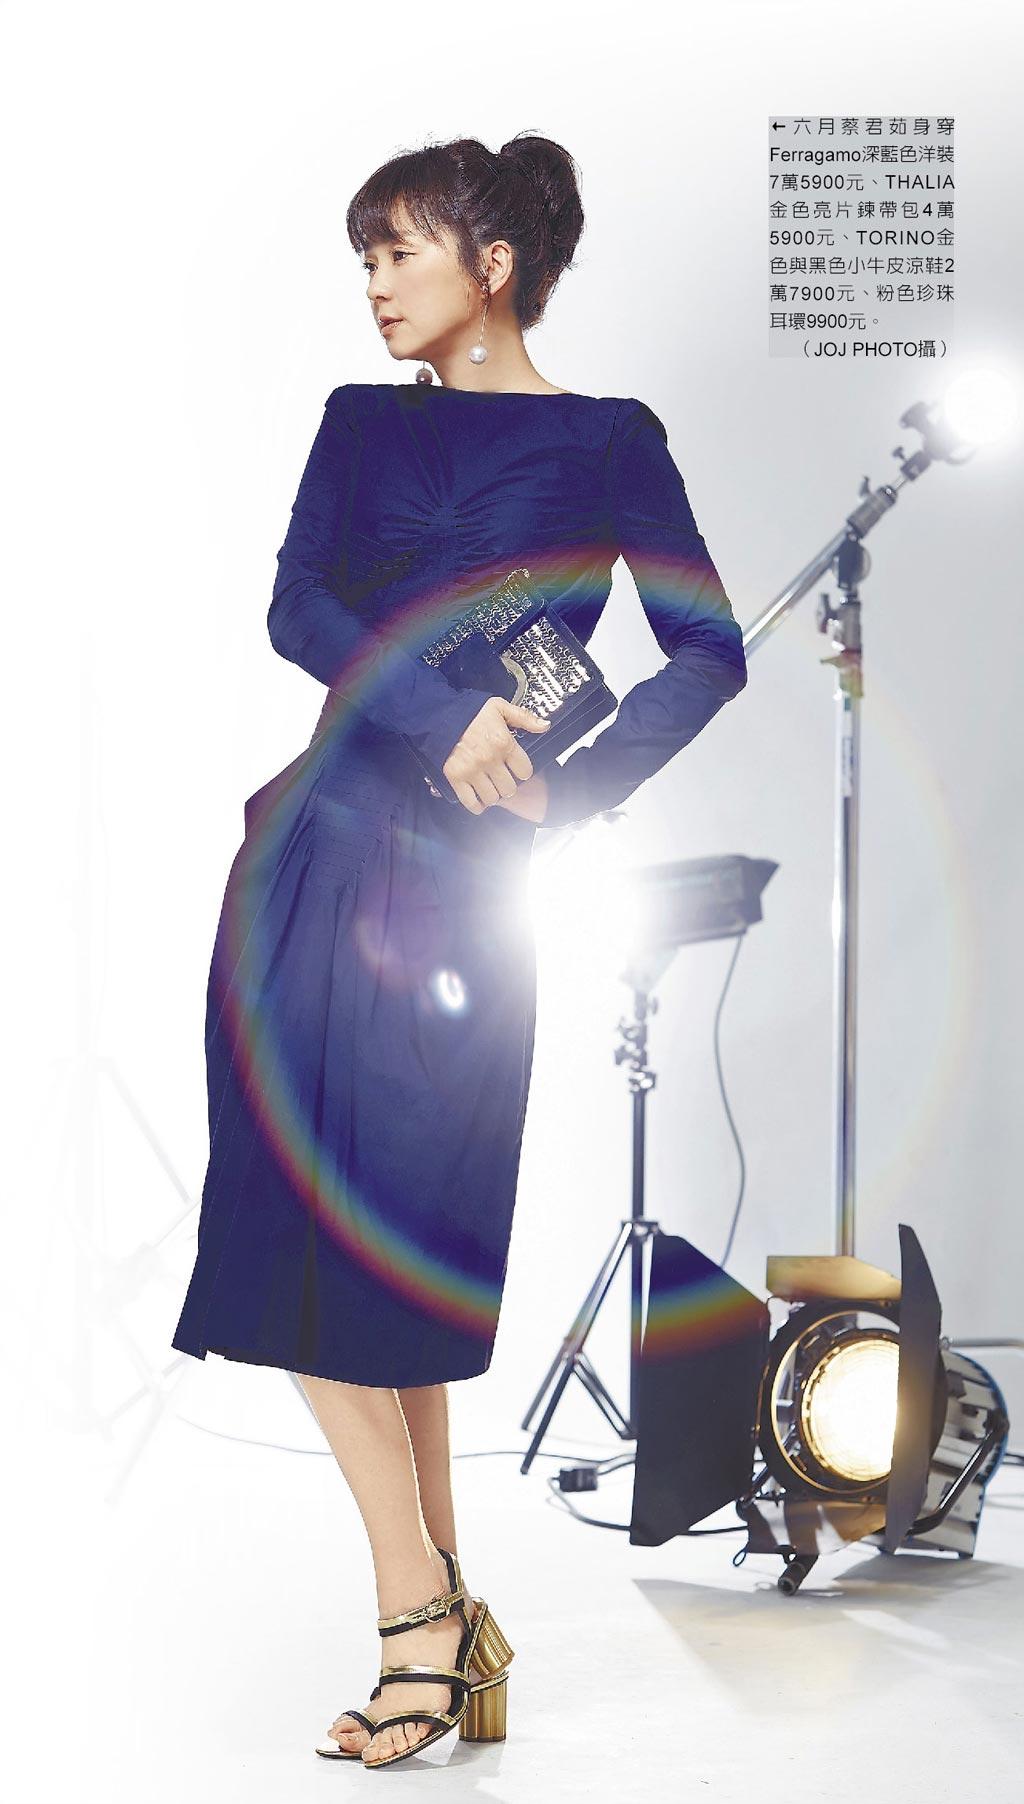 六月蔡君茹身穿Ferragamo深藍色洋裝7萬5900元、THALIA金色亮片鍊帶包4萬5900元、TORINO金色與黑色小牛皮涼鞋2萬7900元、粉色珍珠耳環9900元。(JOJ PHOTO攝)